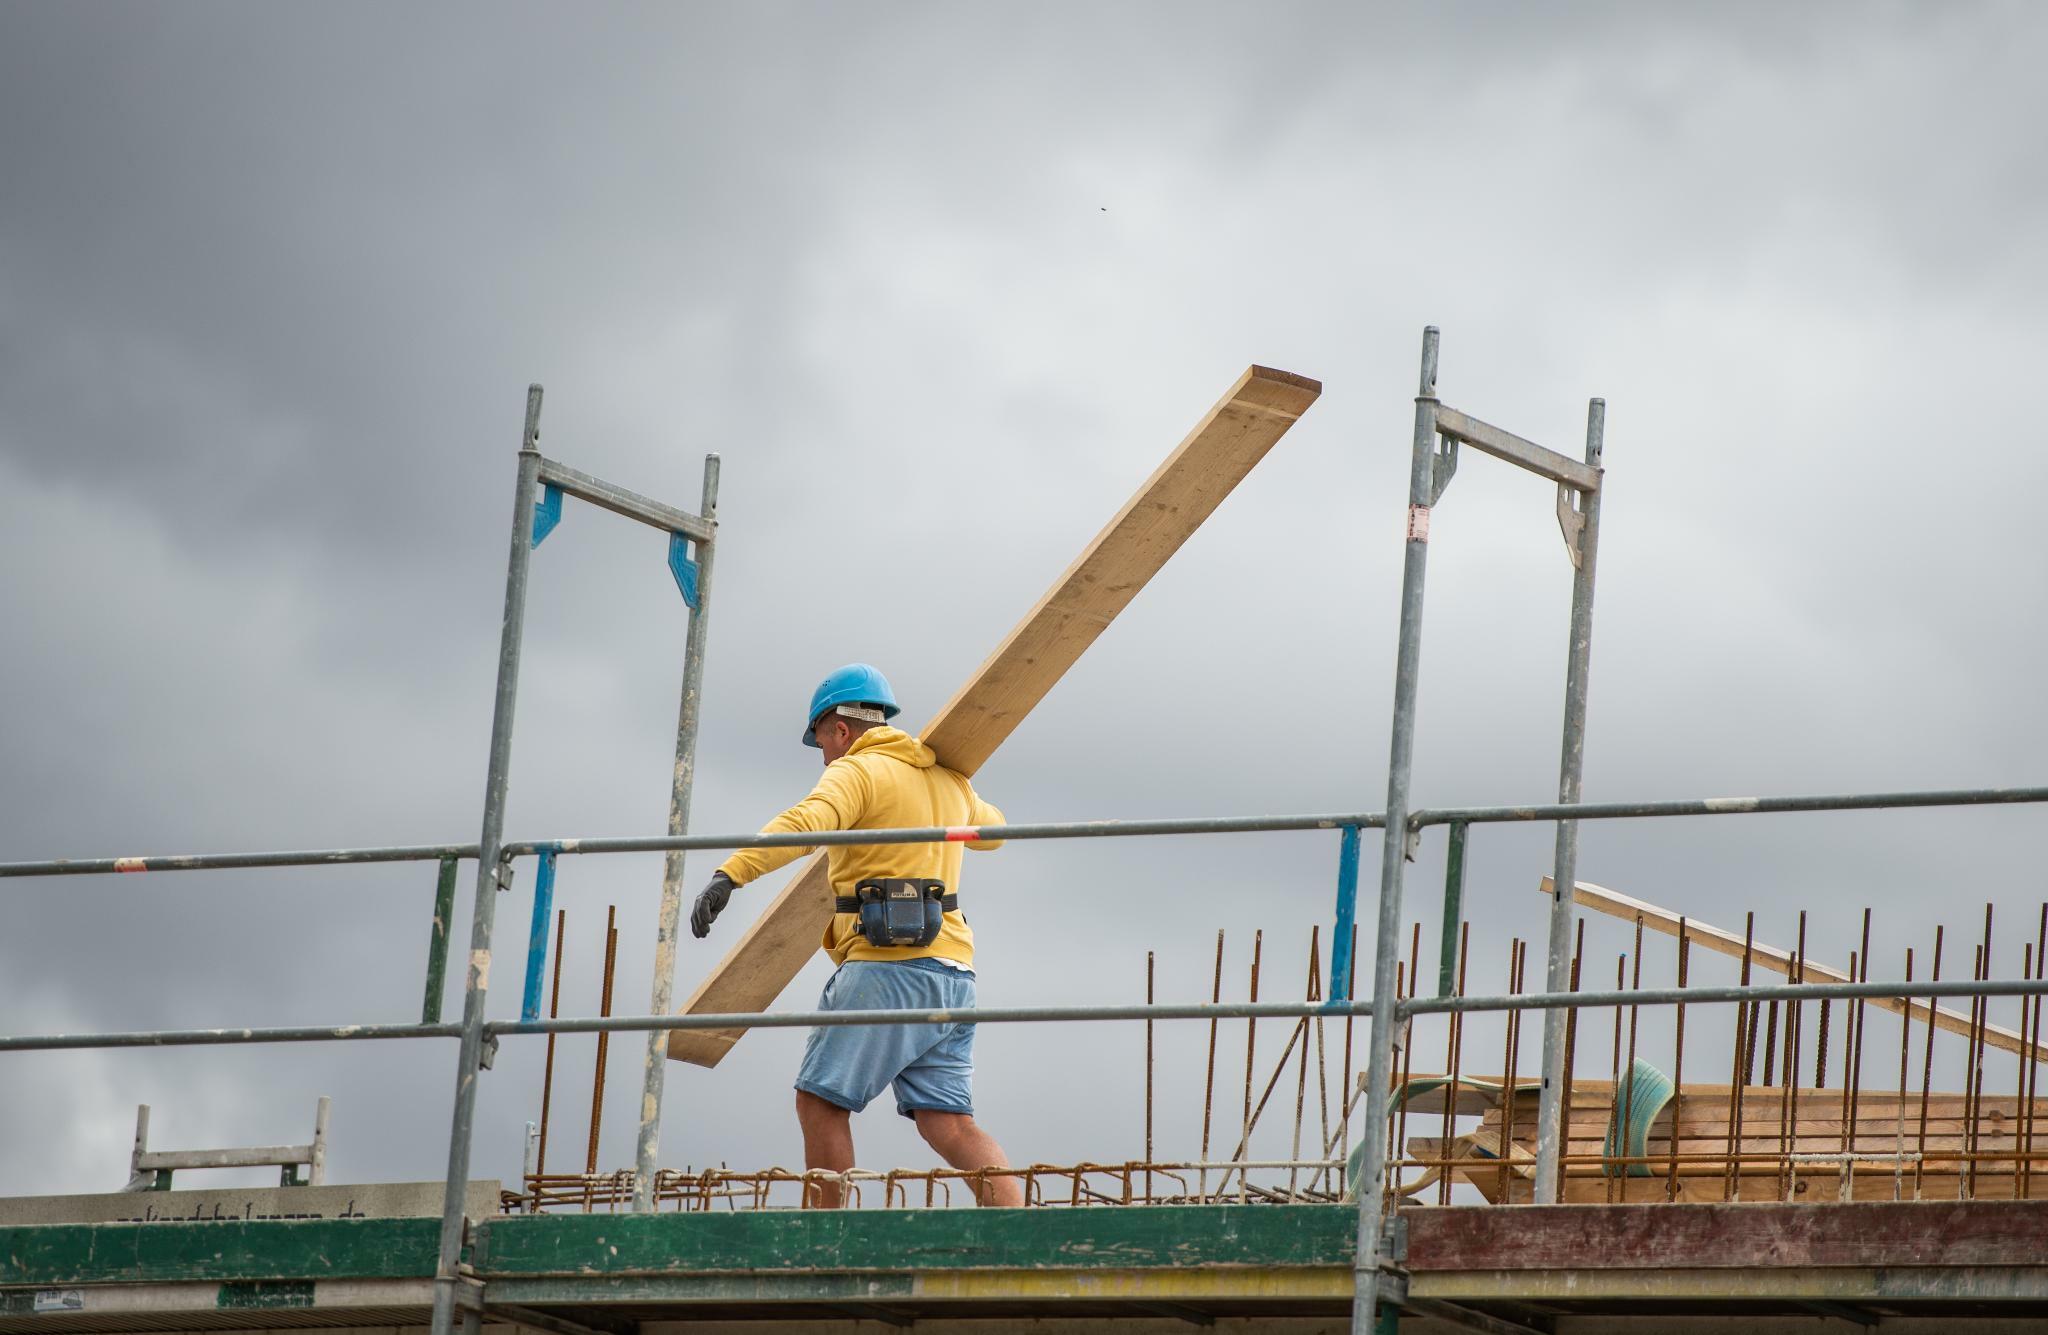 Baugenehmigungen gehen weiter zurück